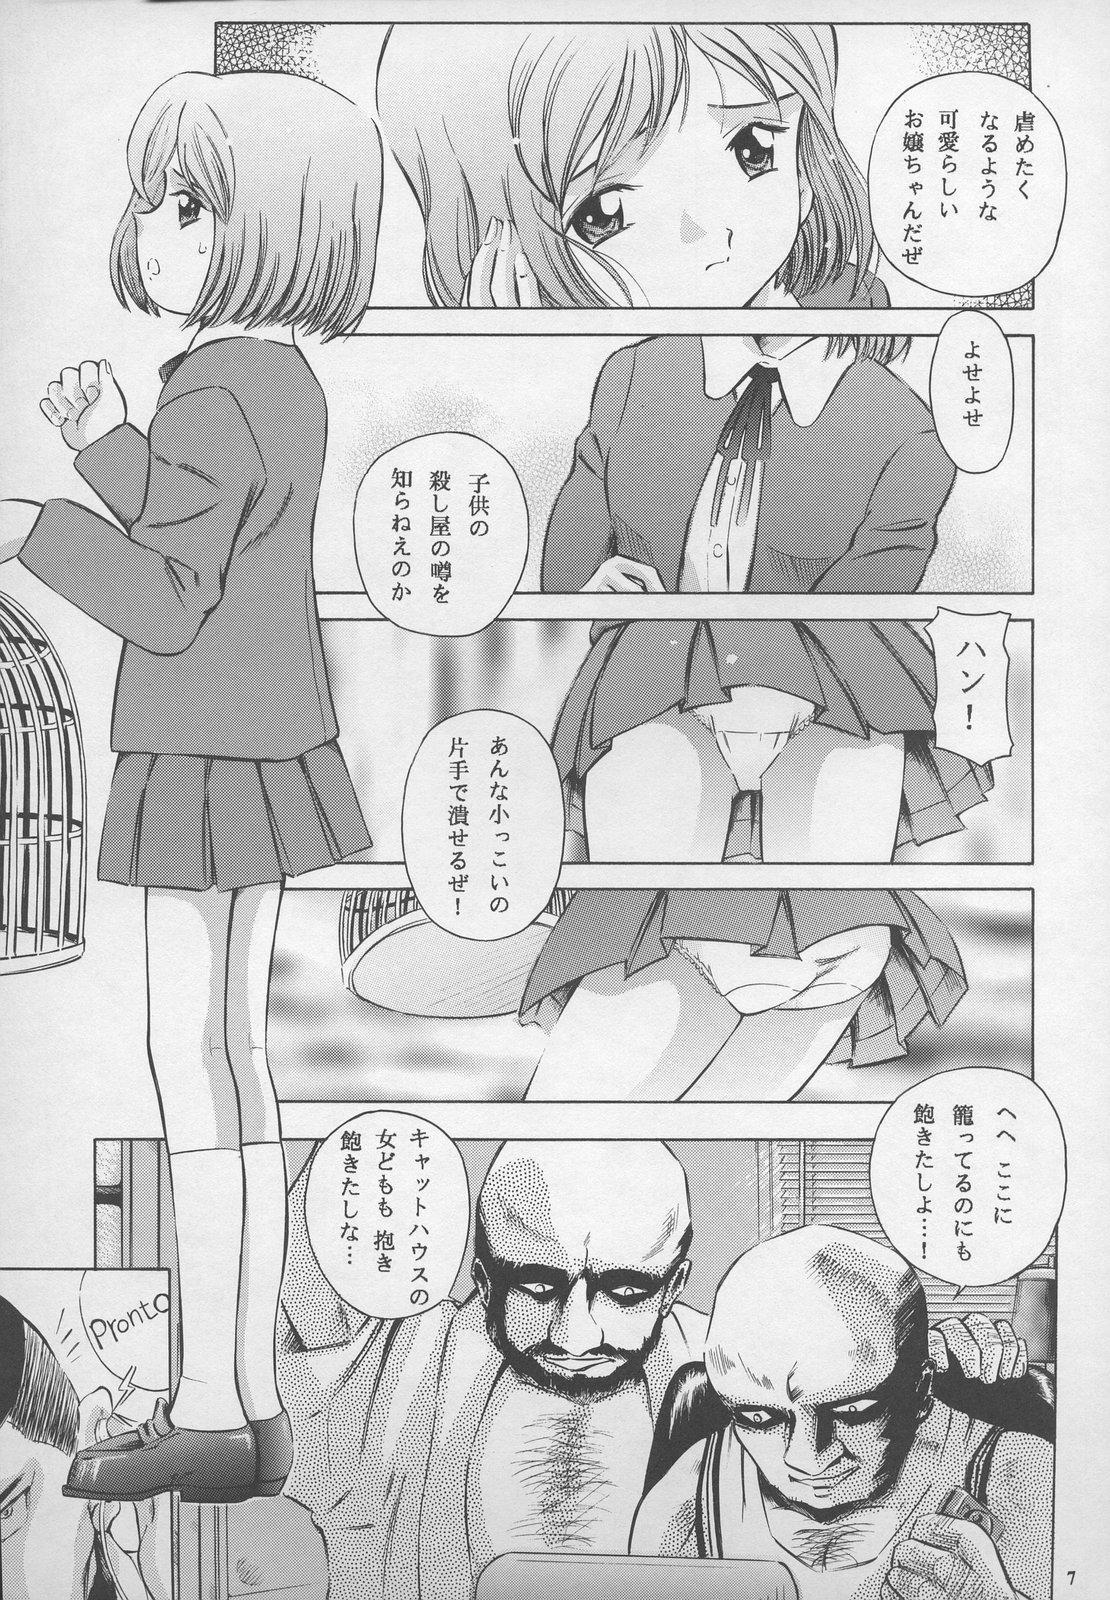 Minagoroshi no Tenshi 6